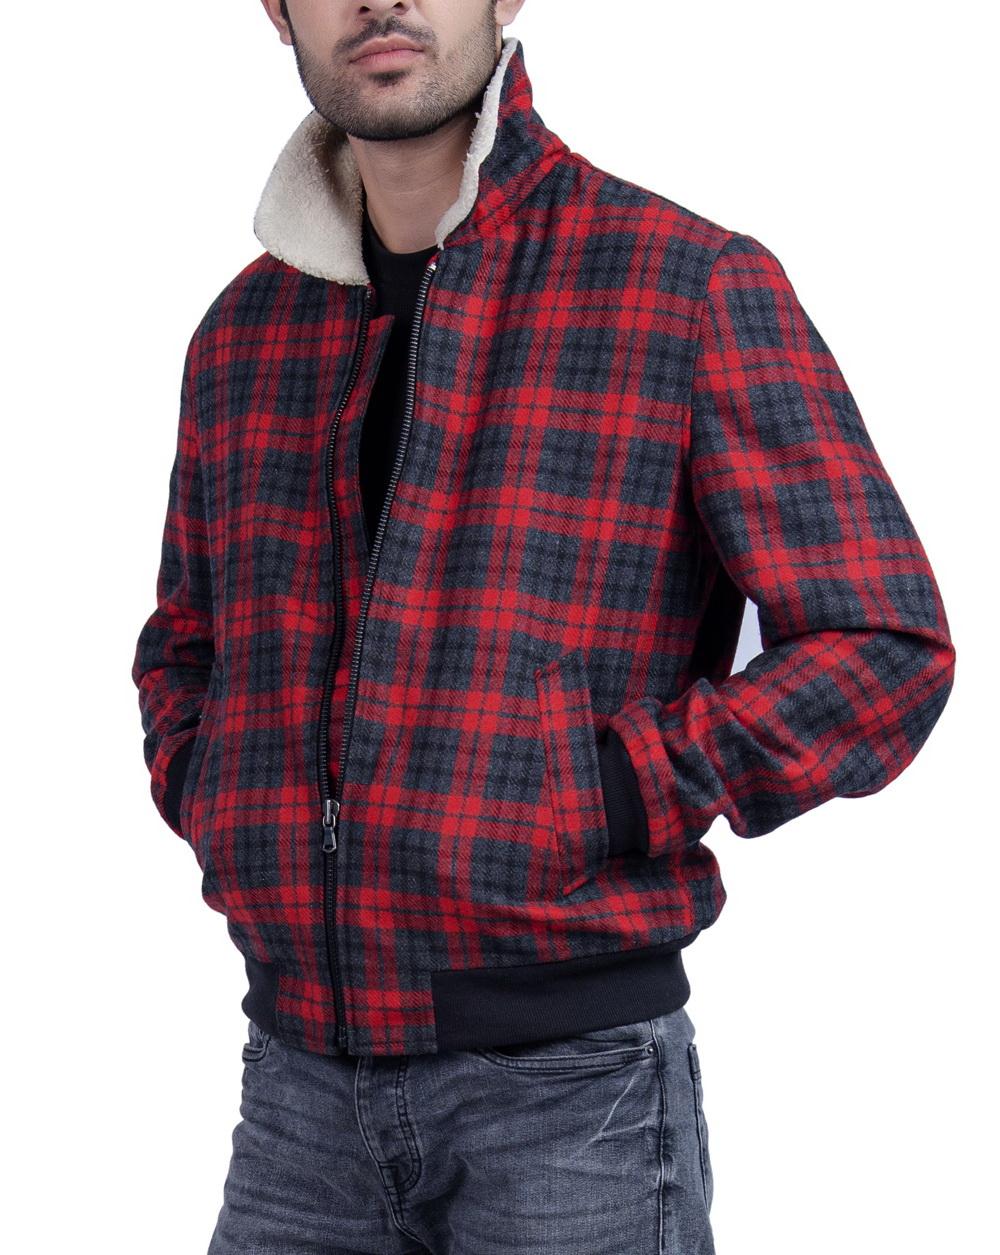 plaid-jacket.jpg (800×1004)